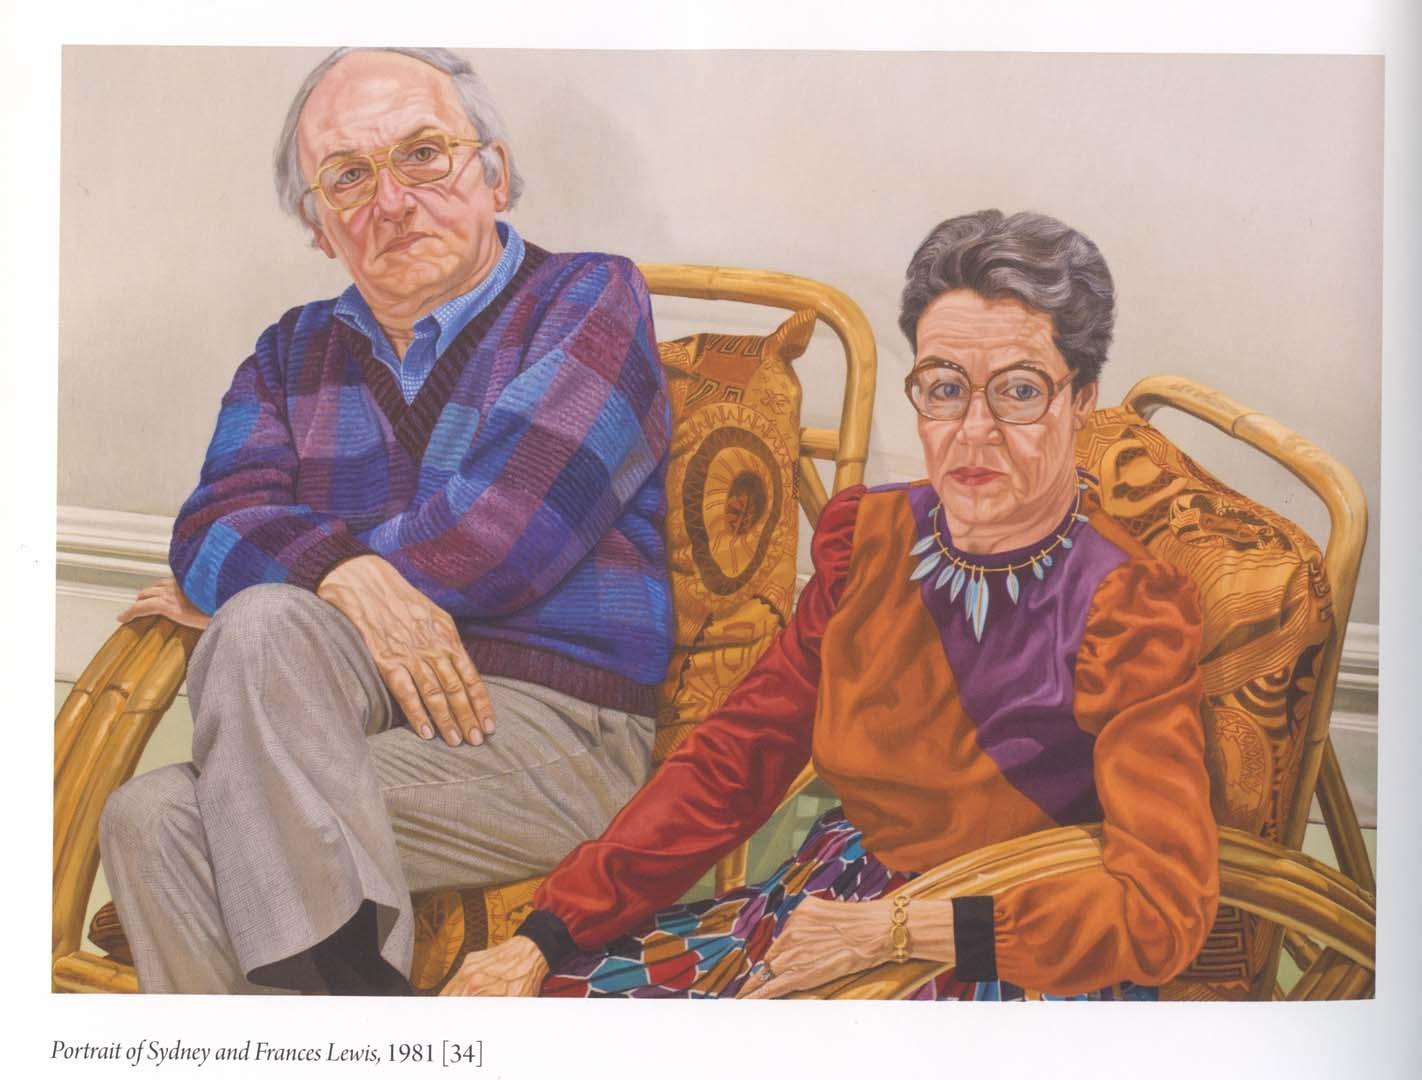 1980 Portrait of Sydney & Frances Lewis Oil on canvas 60 x 84